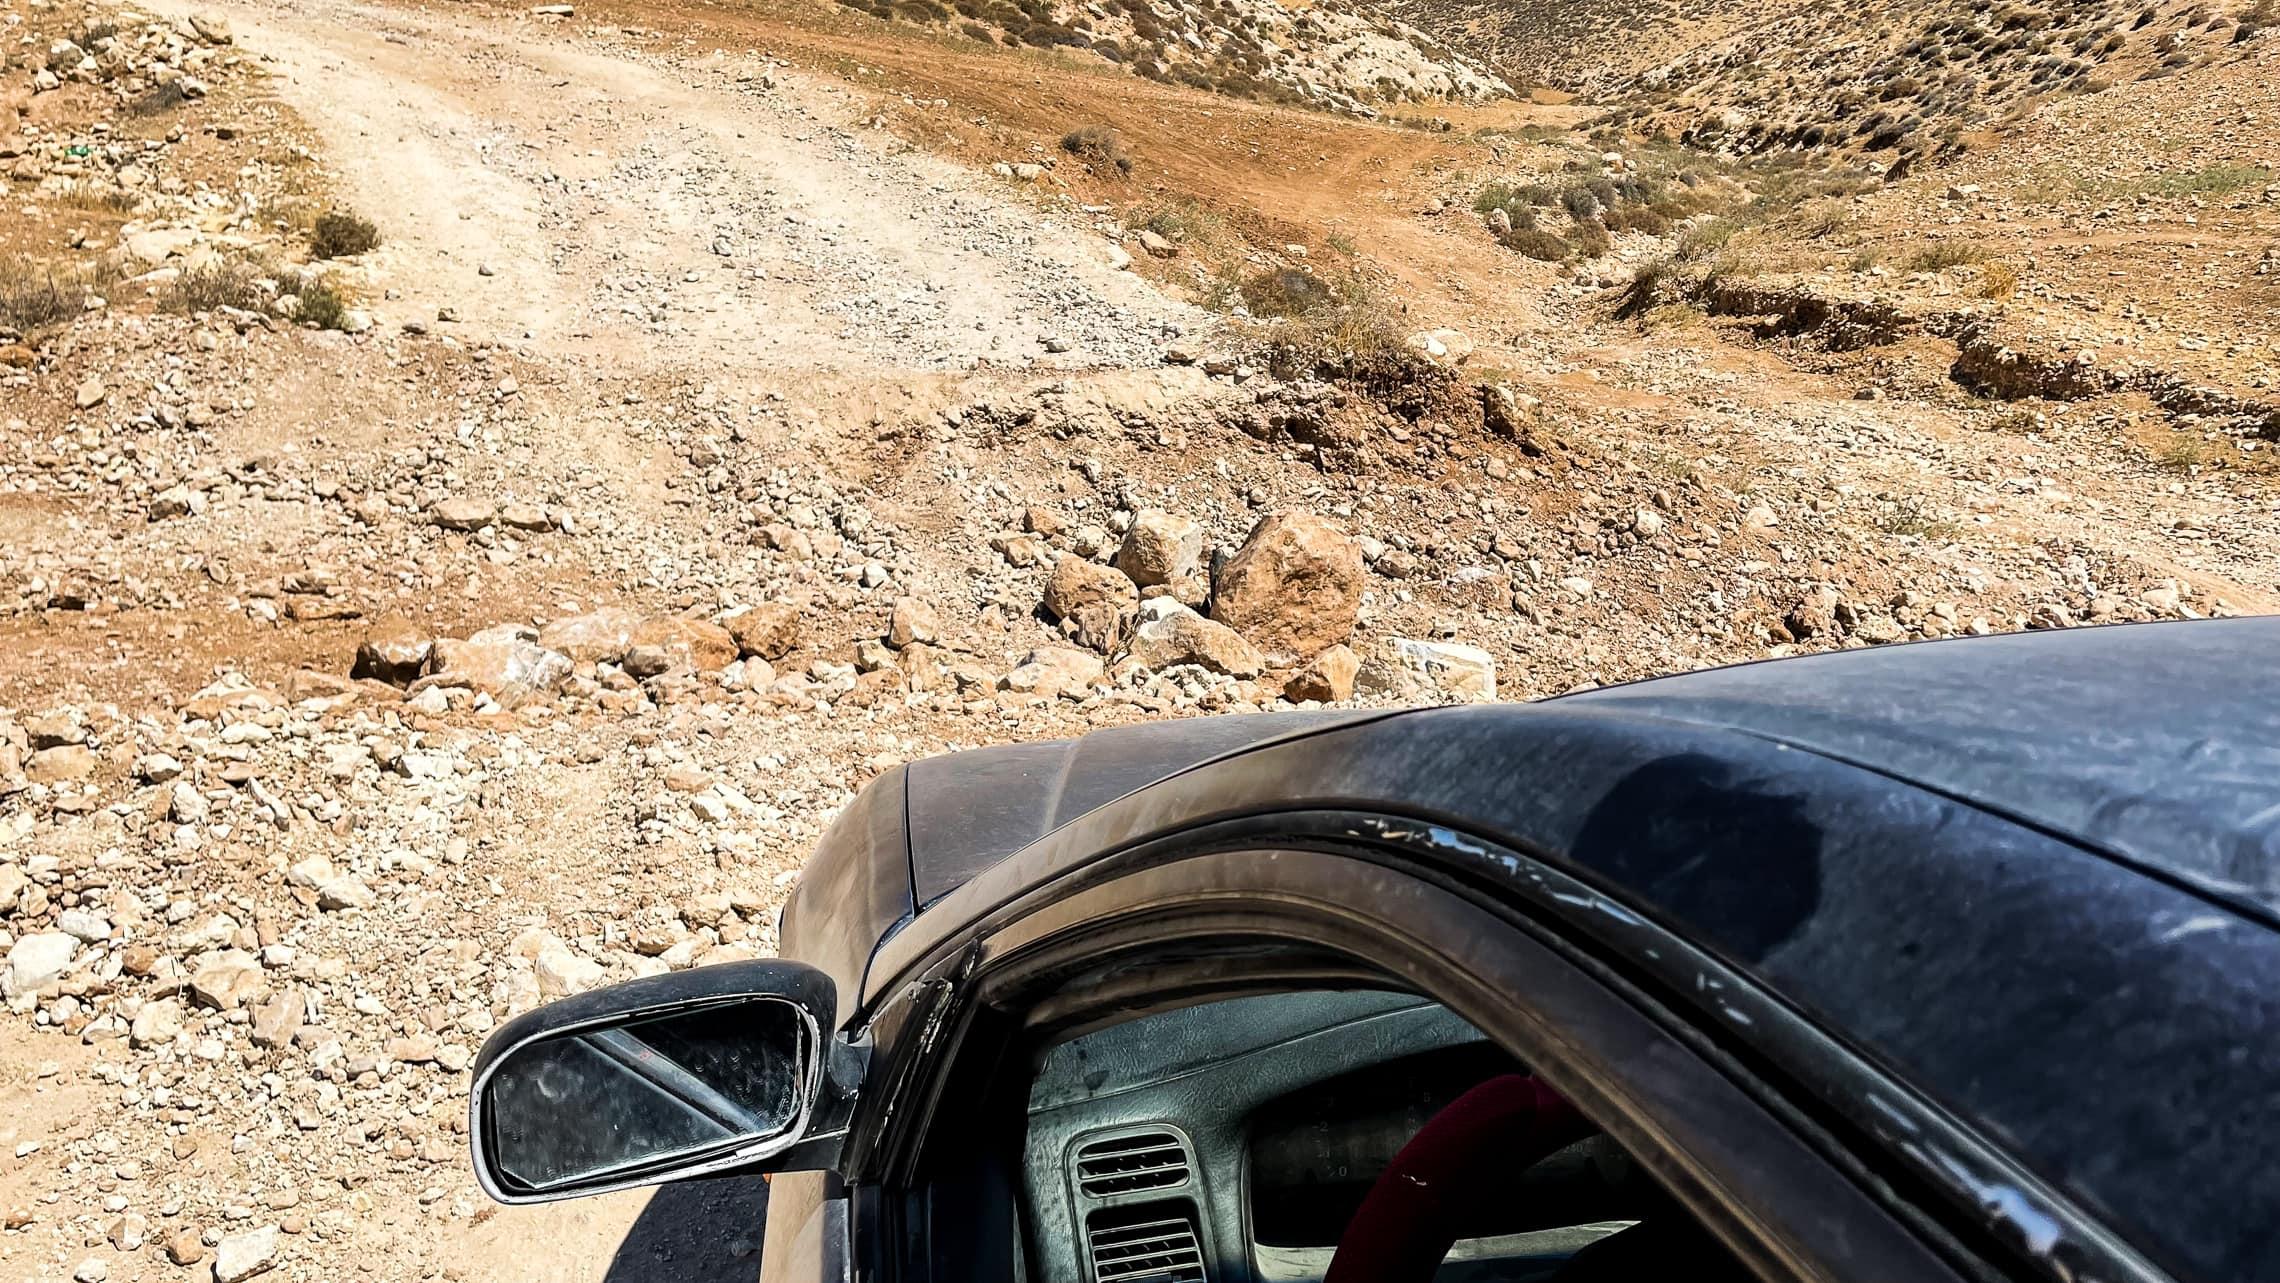 """בור שהבולדוזר הצה""""לי חרץ בדרך לכפרי מסאפר יטא (צילום: אמיר בן-דוד)"""